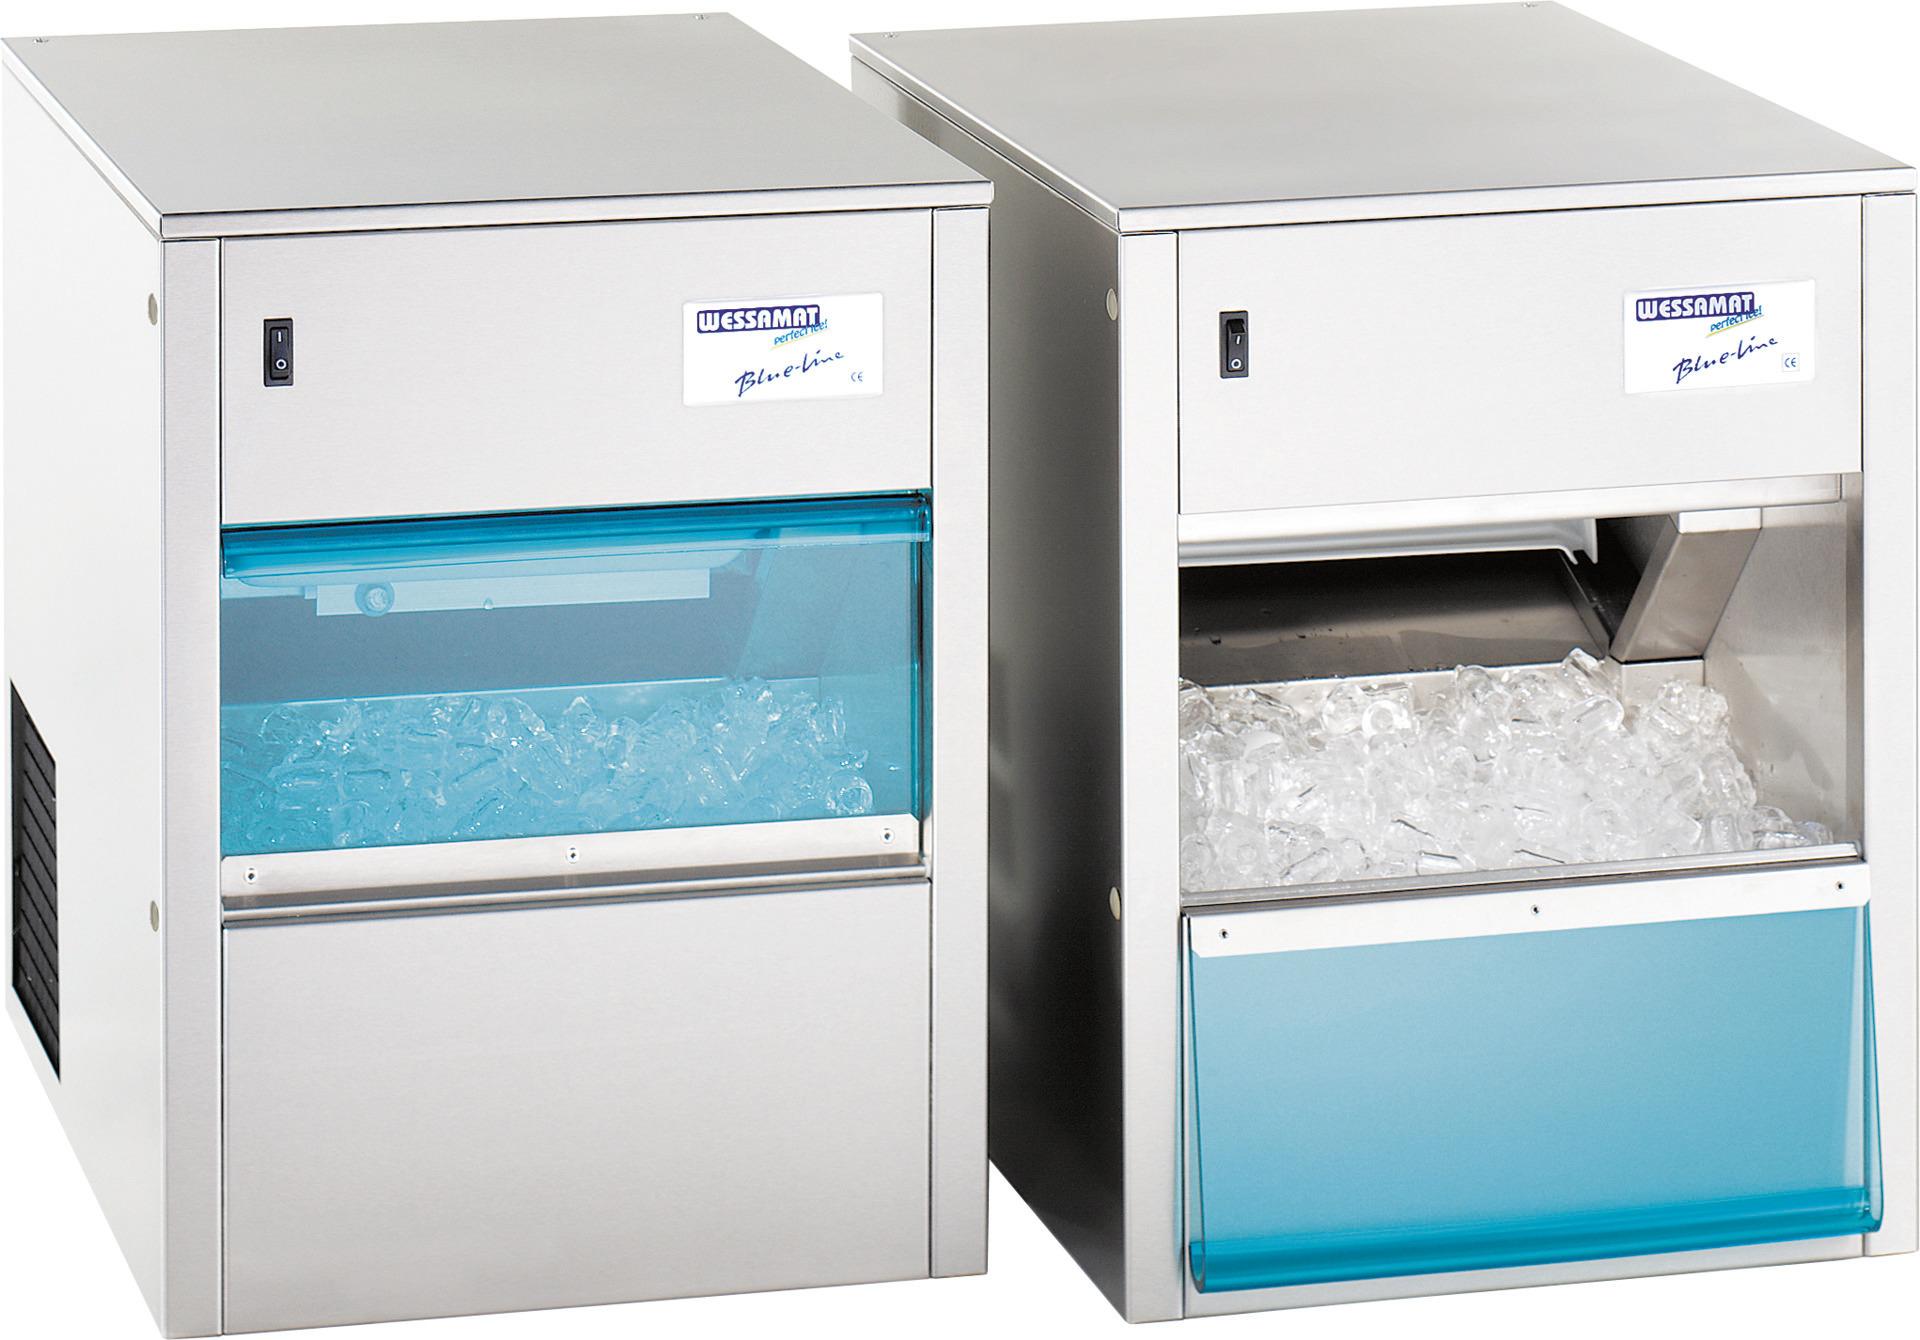 Eiswürfelbereiter W 49 L / 46,00 kg/24 h / 15,00 kg Vorrat / Luftkühlung